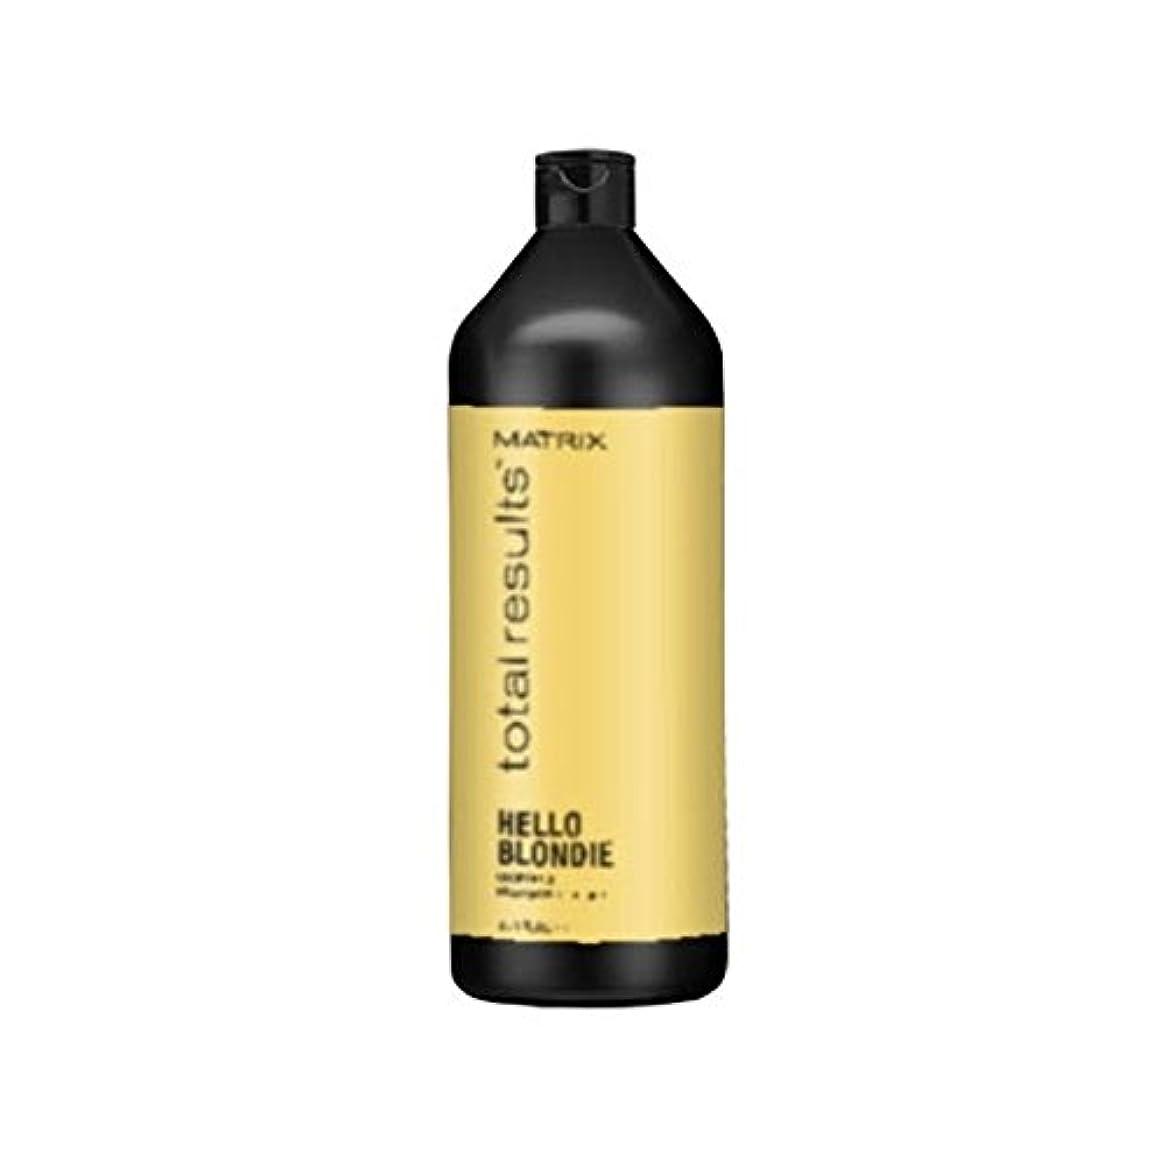 油説明する知的Matrix Total Results Hello Blondie Shampoo (1000ml) - マトリックスの総結果ハローブロンディシャンプー(千ミリリットル) [並行輸入品]